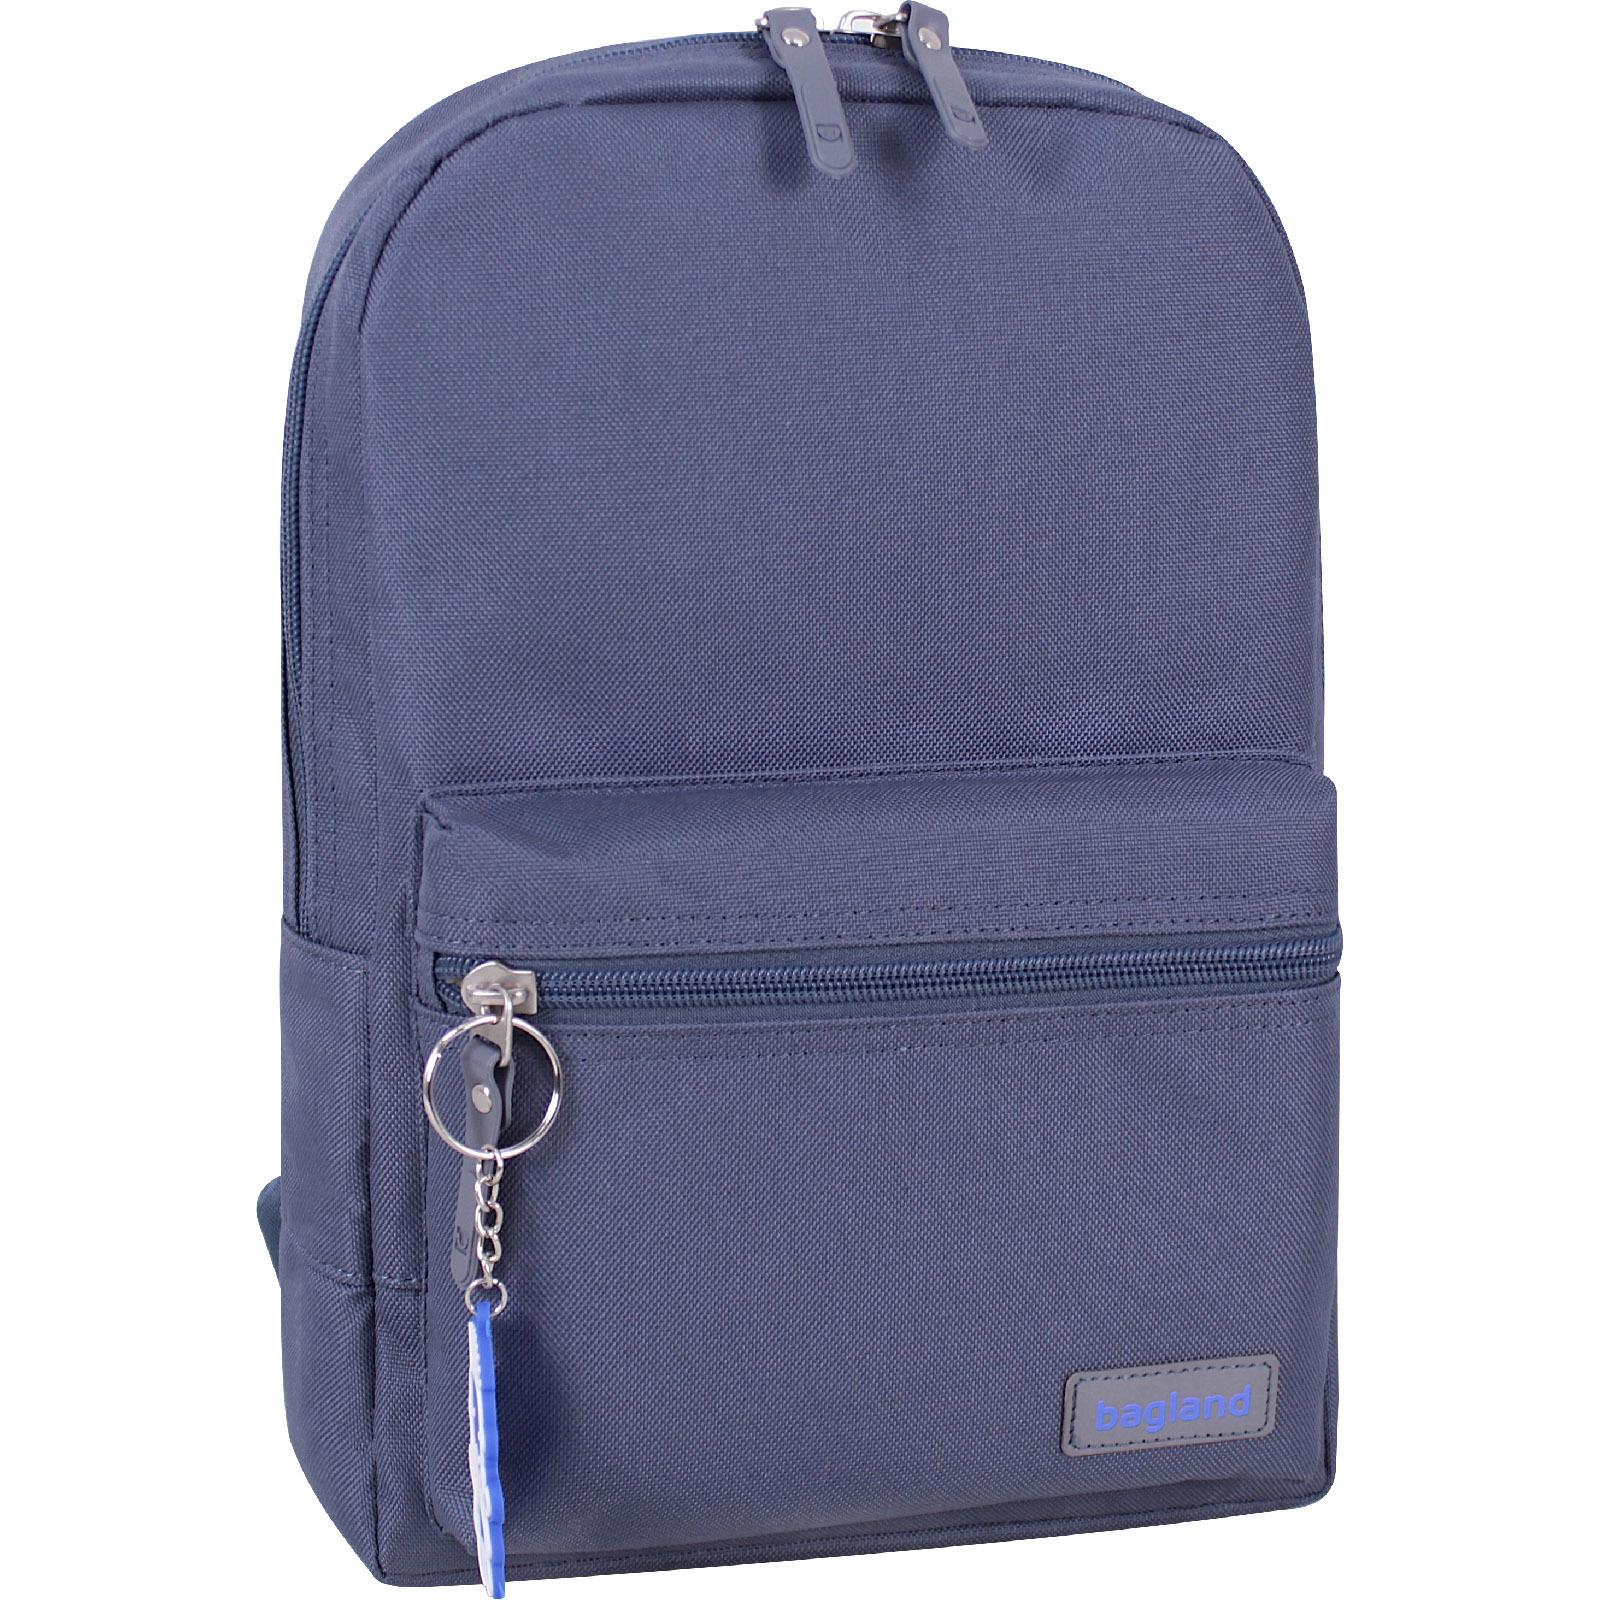 Молодежные рюкзаки Рюкзак Bagland Молодежный mini 8 л. серый (0050866) IMG_0111.jpg